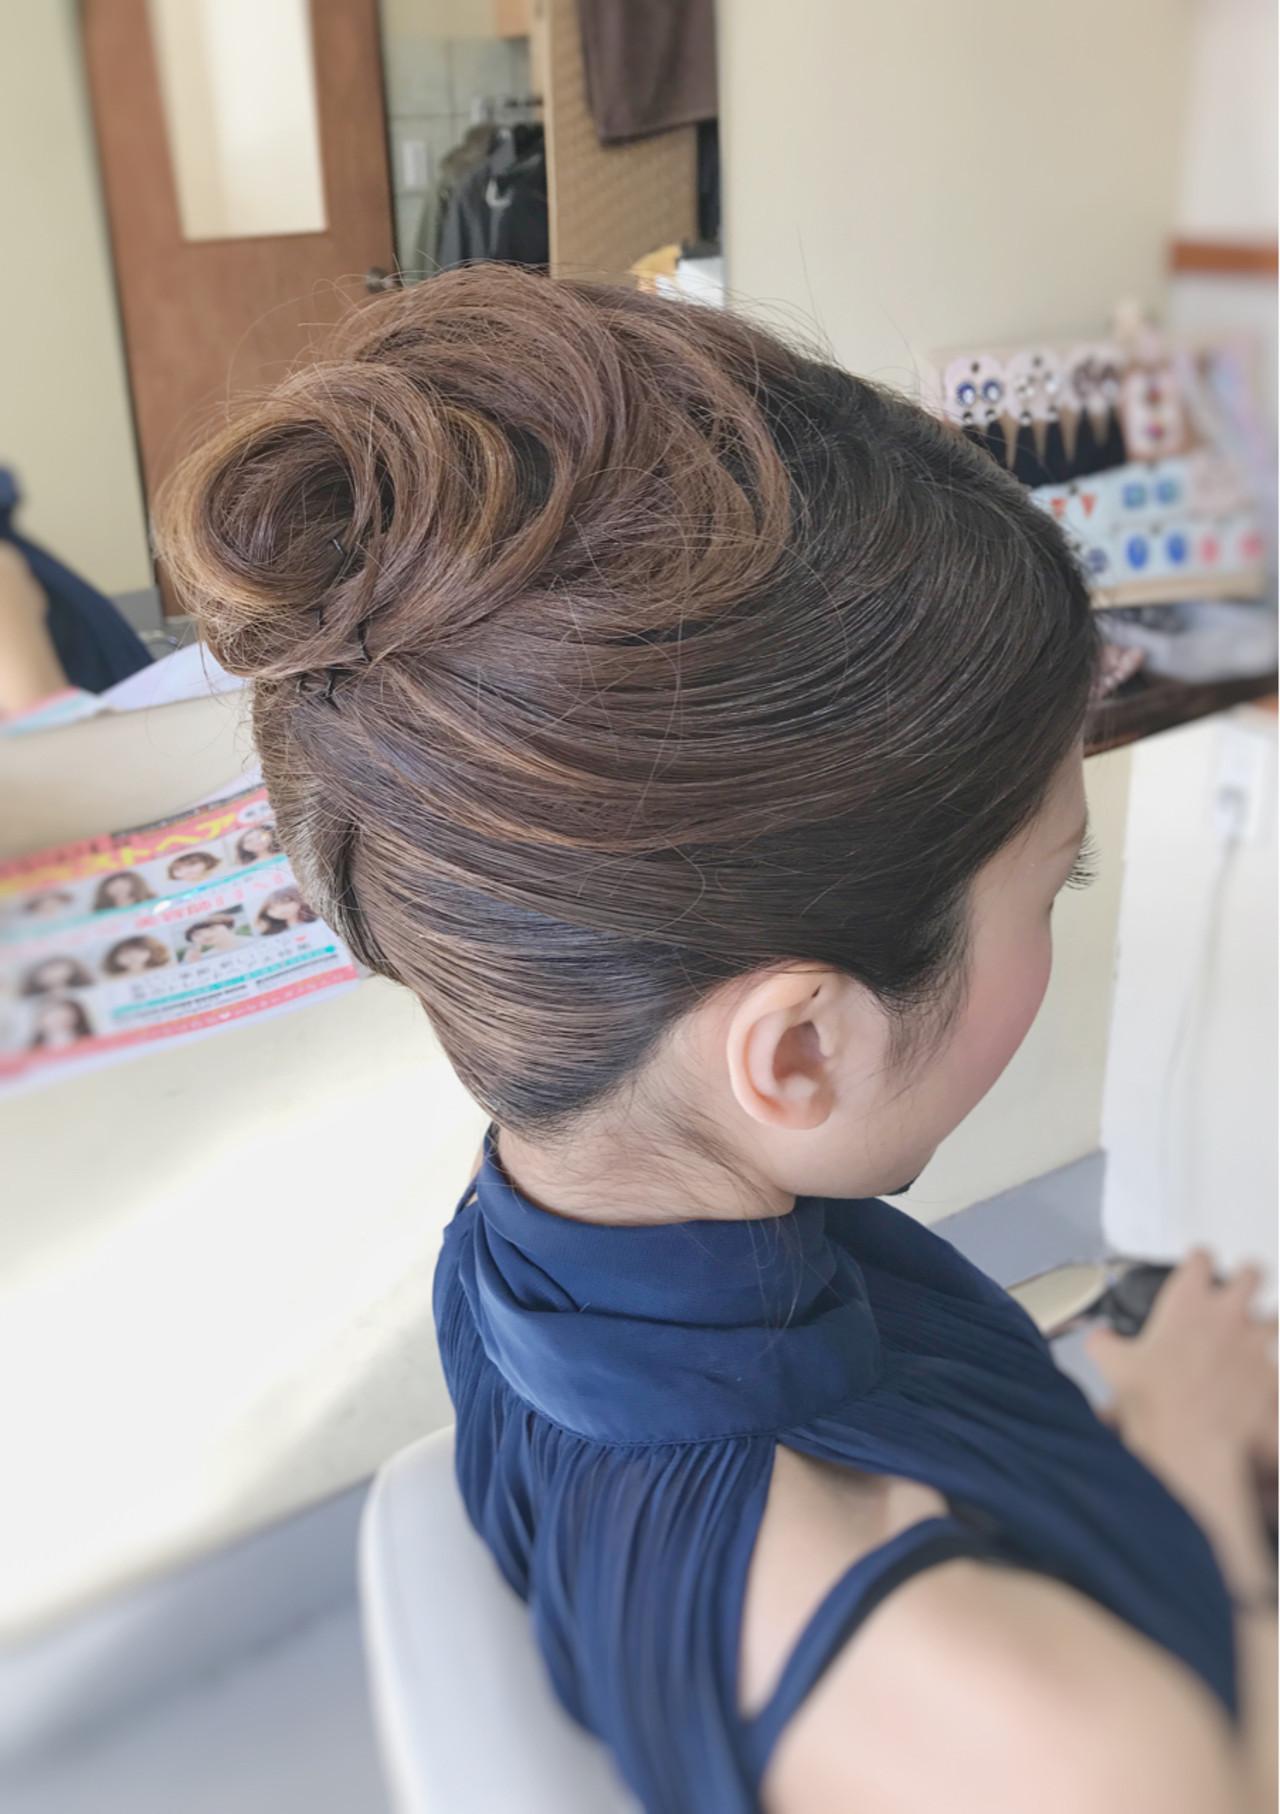 【簡単】オフィス向けセミロングの結び方ガイド♪きれいめまとめ髪で上品に サワ